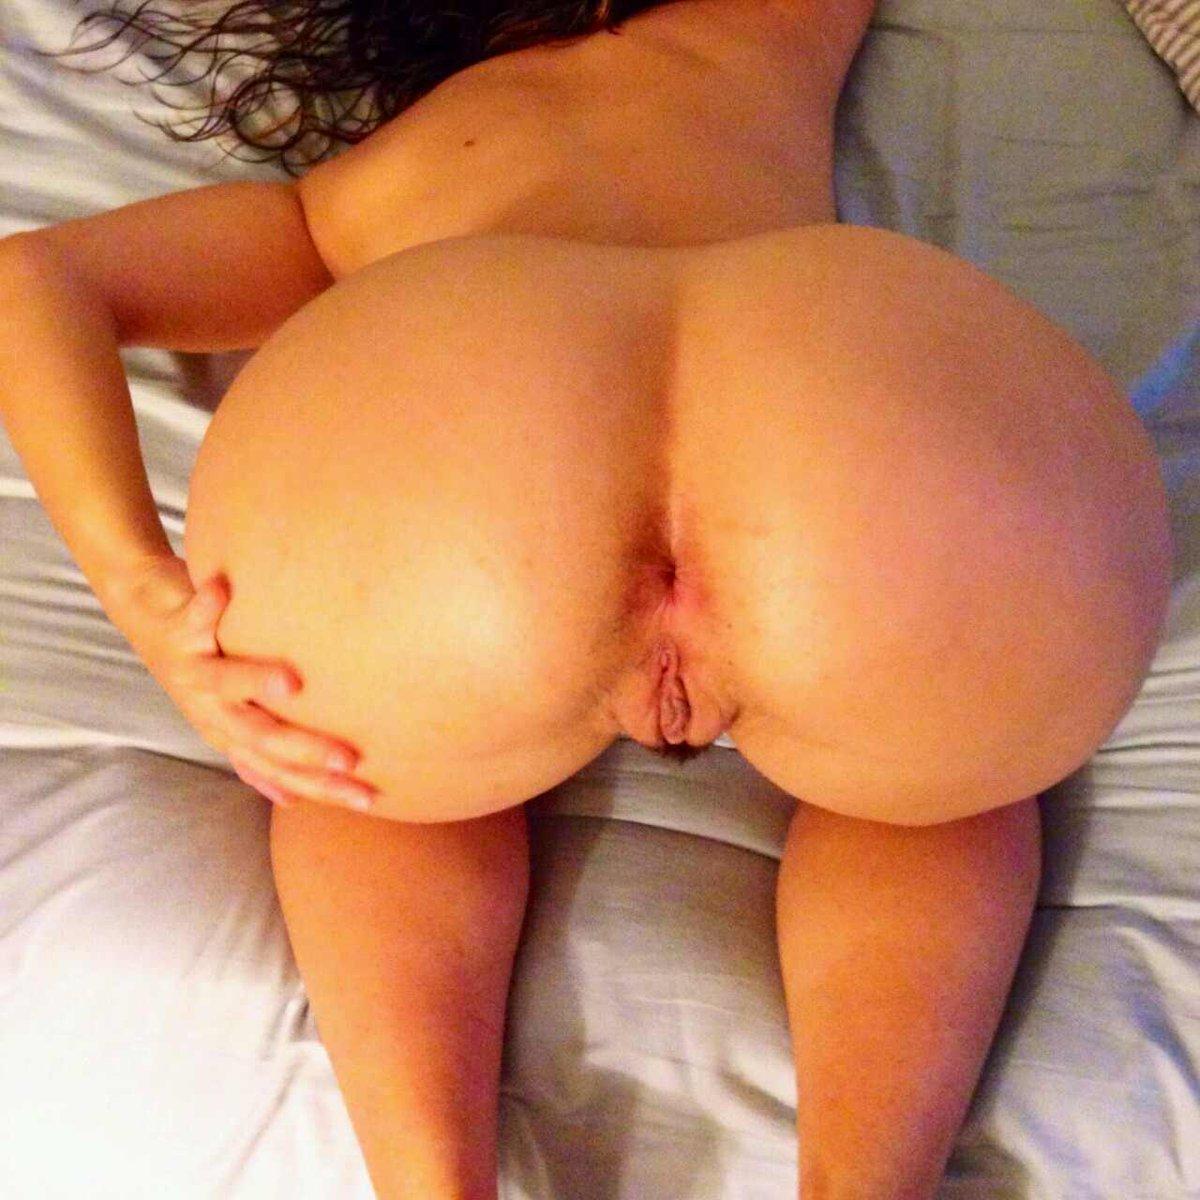 постели, фото голых женщин раком попок отенкам